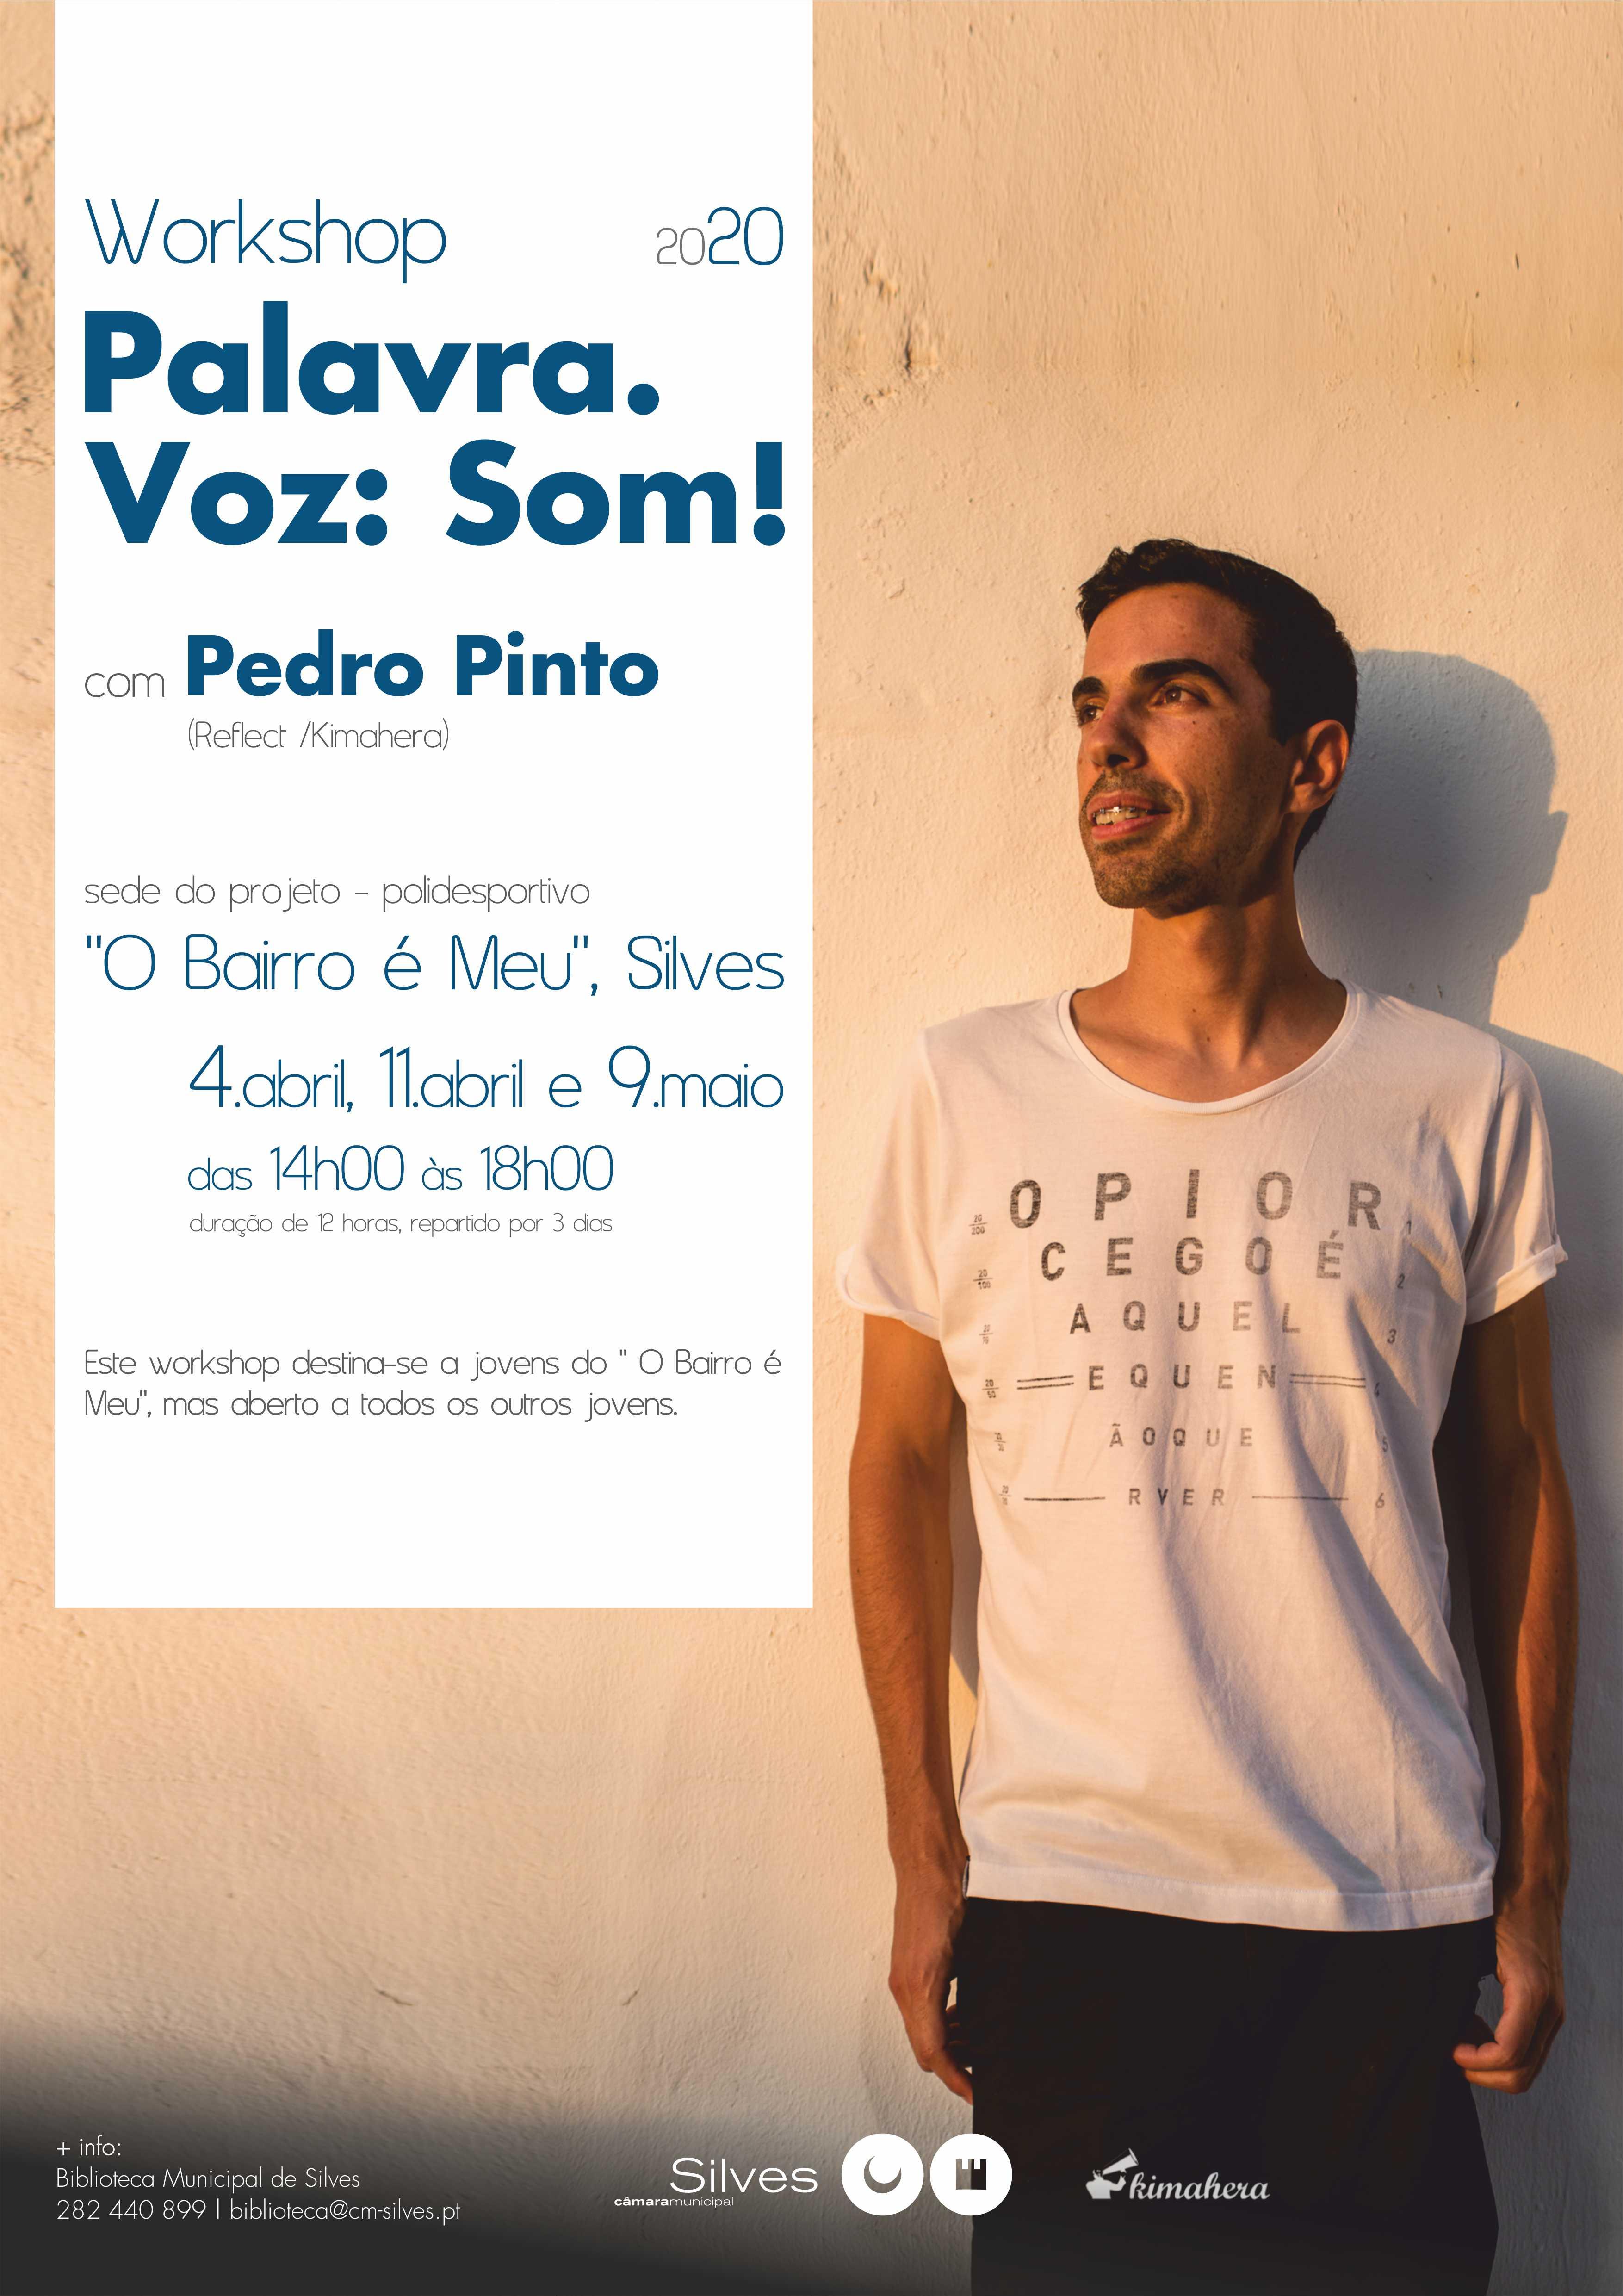 Palavra.Voz:Som! - Workshop com Pedro Pinto (Reflect)